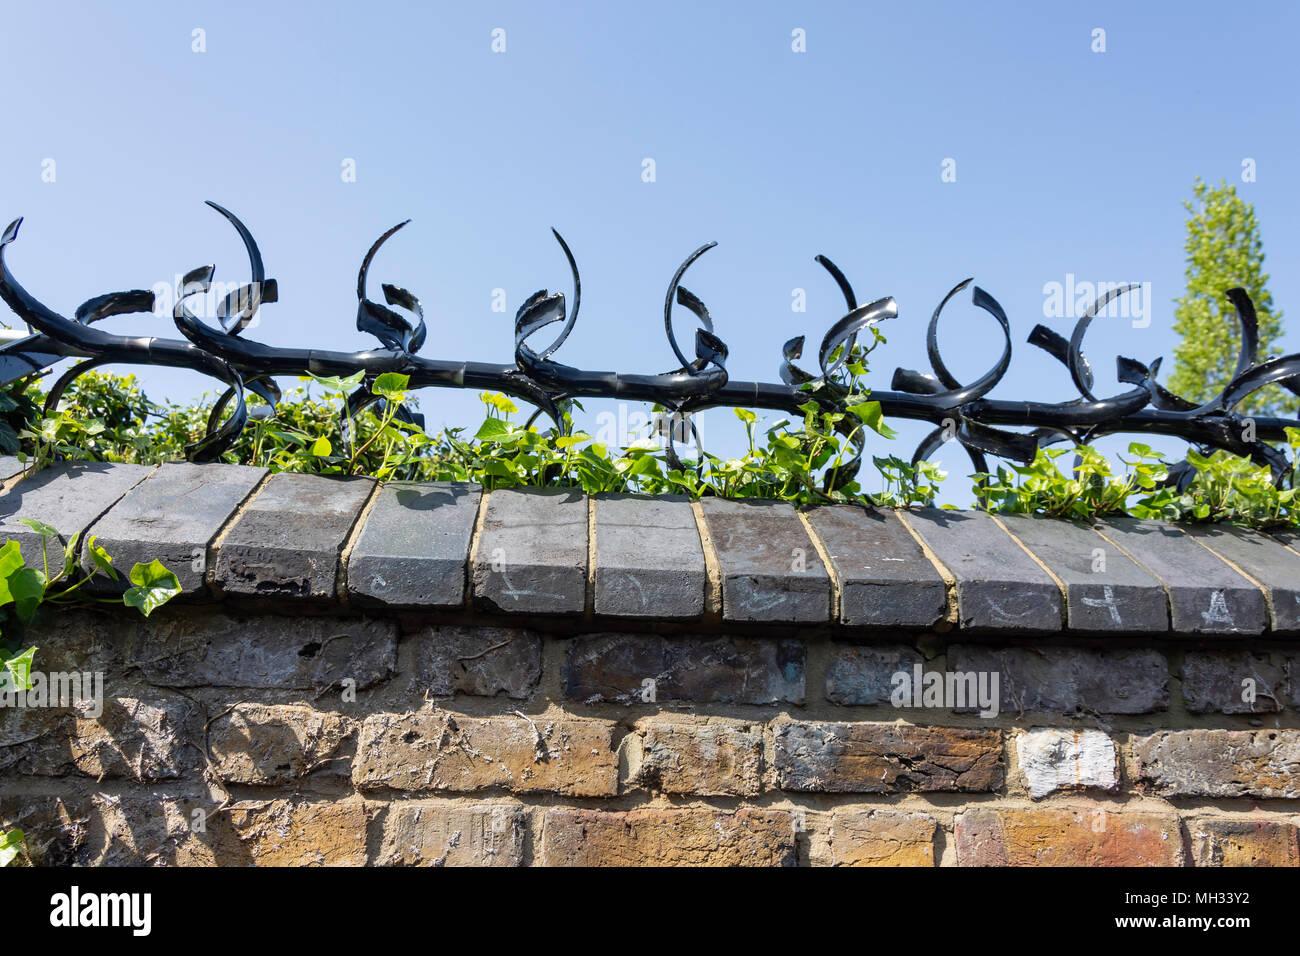 Protezione in metallo spike sul muro del giardino, Chiswick, London Borough di Hounslow, Greater London, England, Regno Unito Immagini Stock